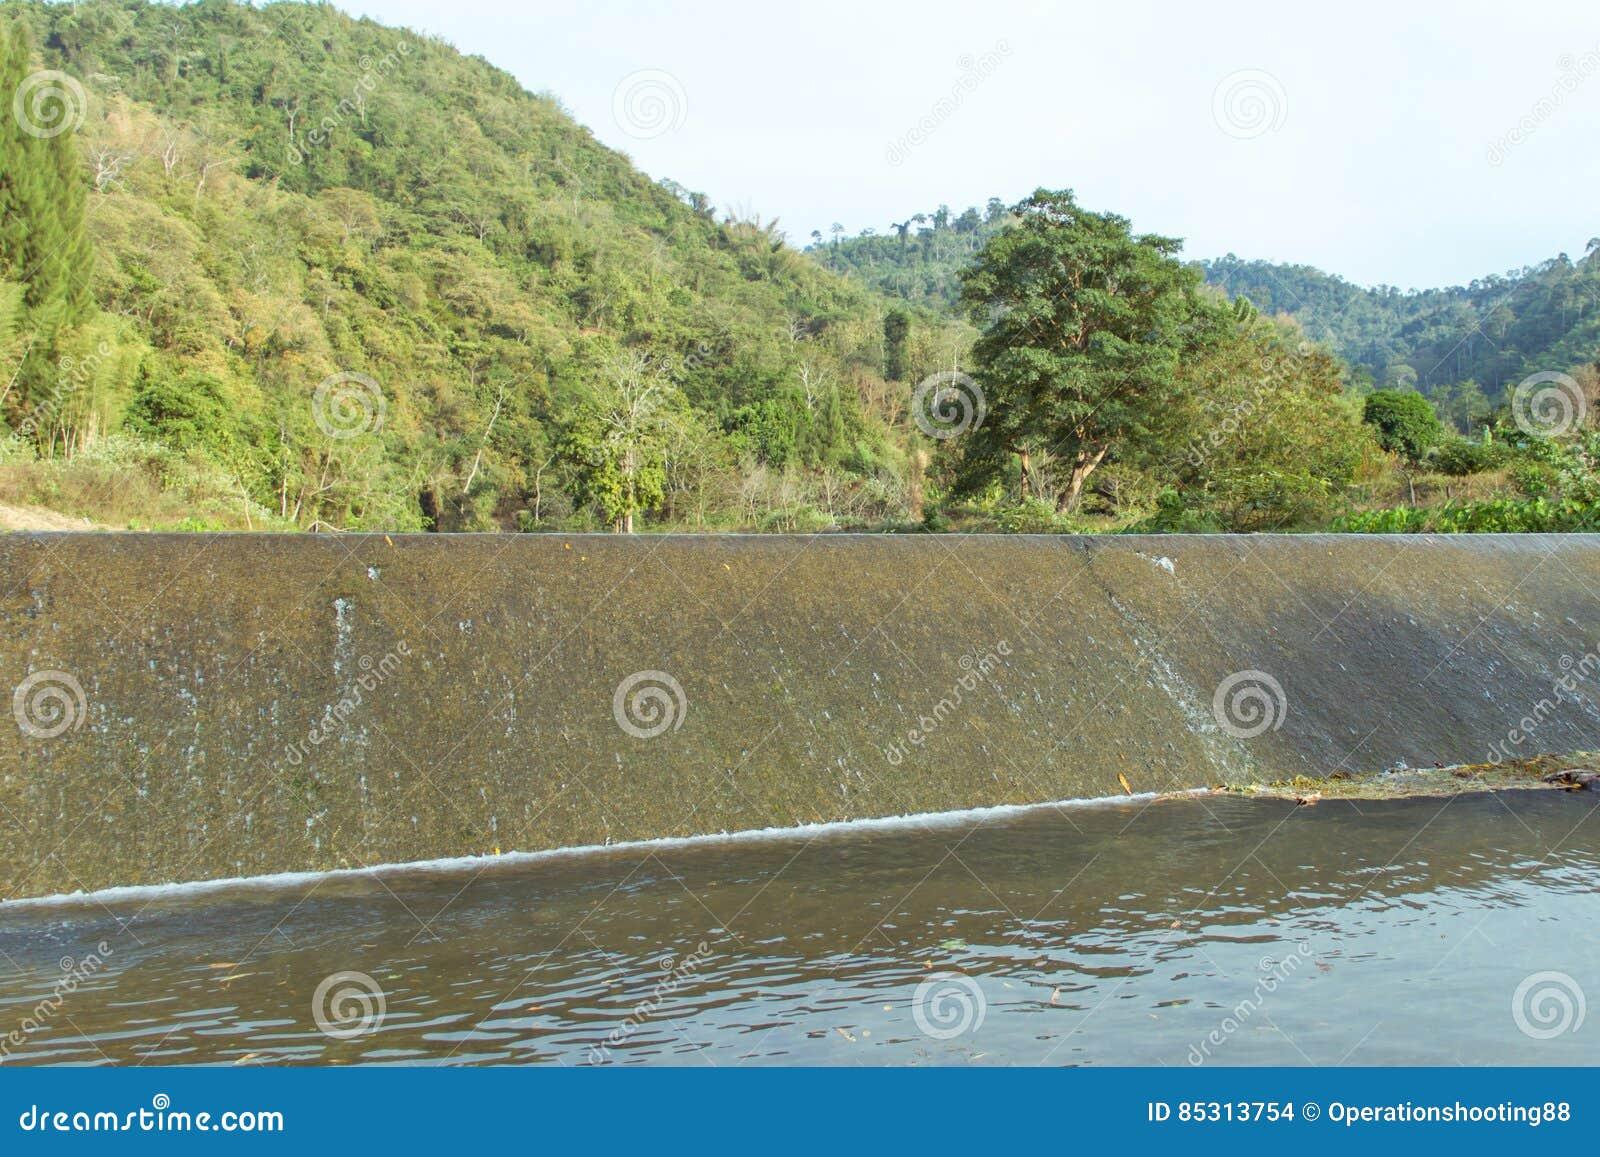 spillways stock photo image 85313754